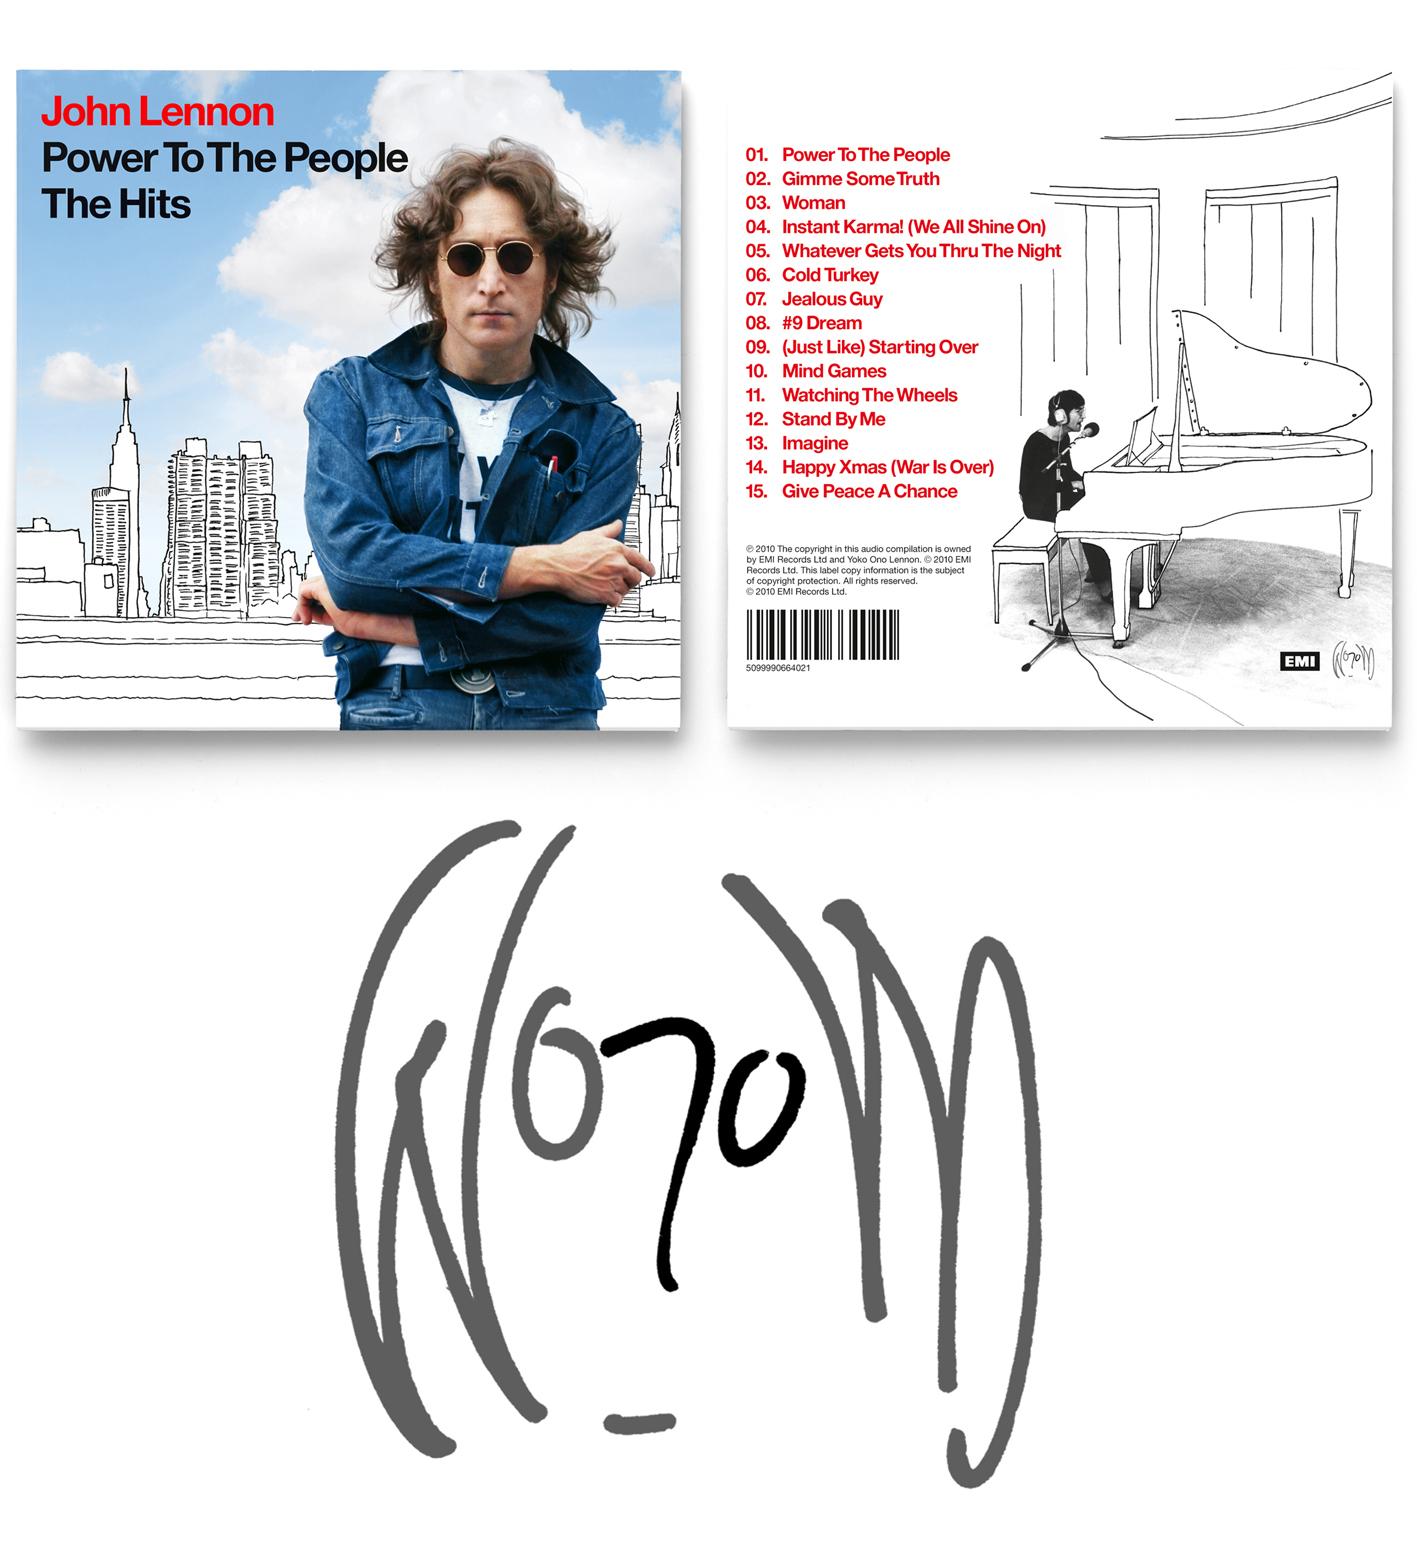 Lennon web content